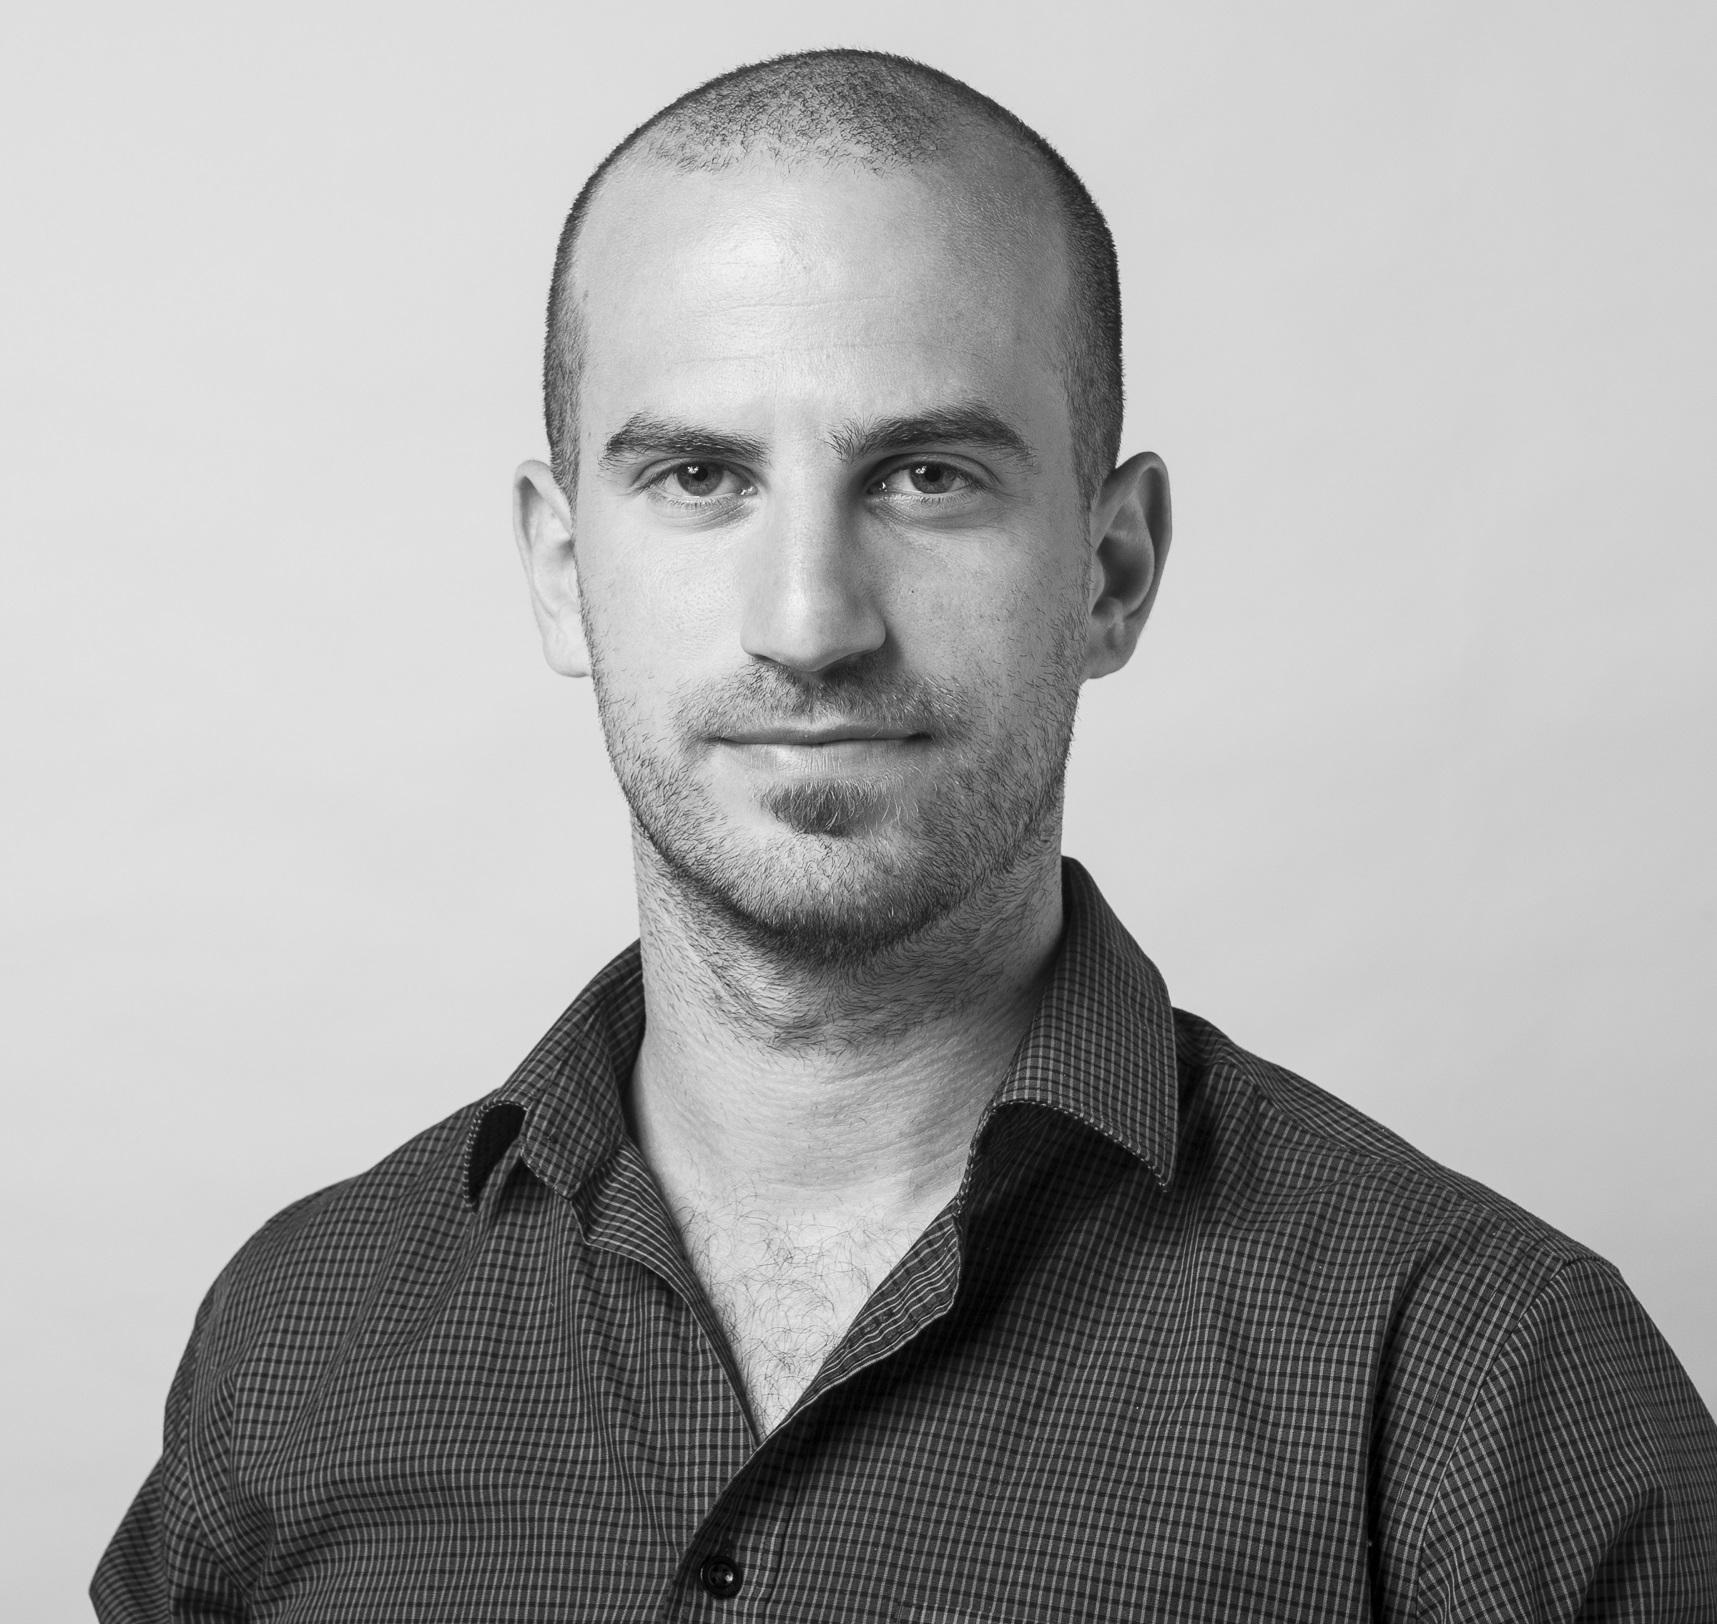 Portrait of Nadav Eyal